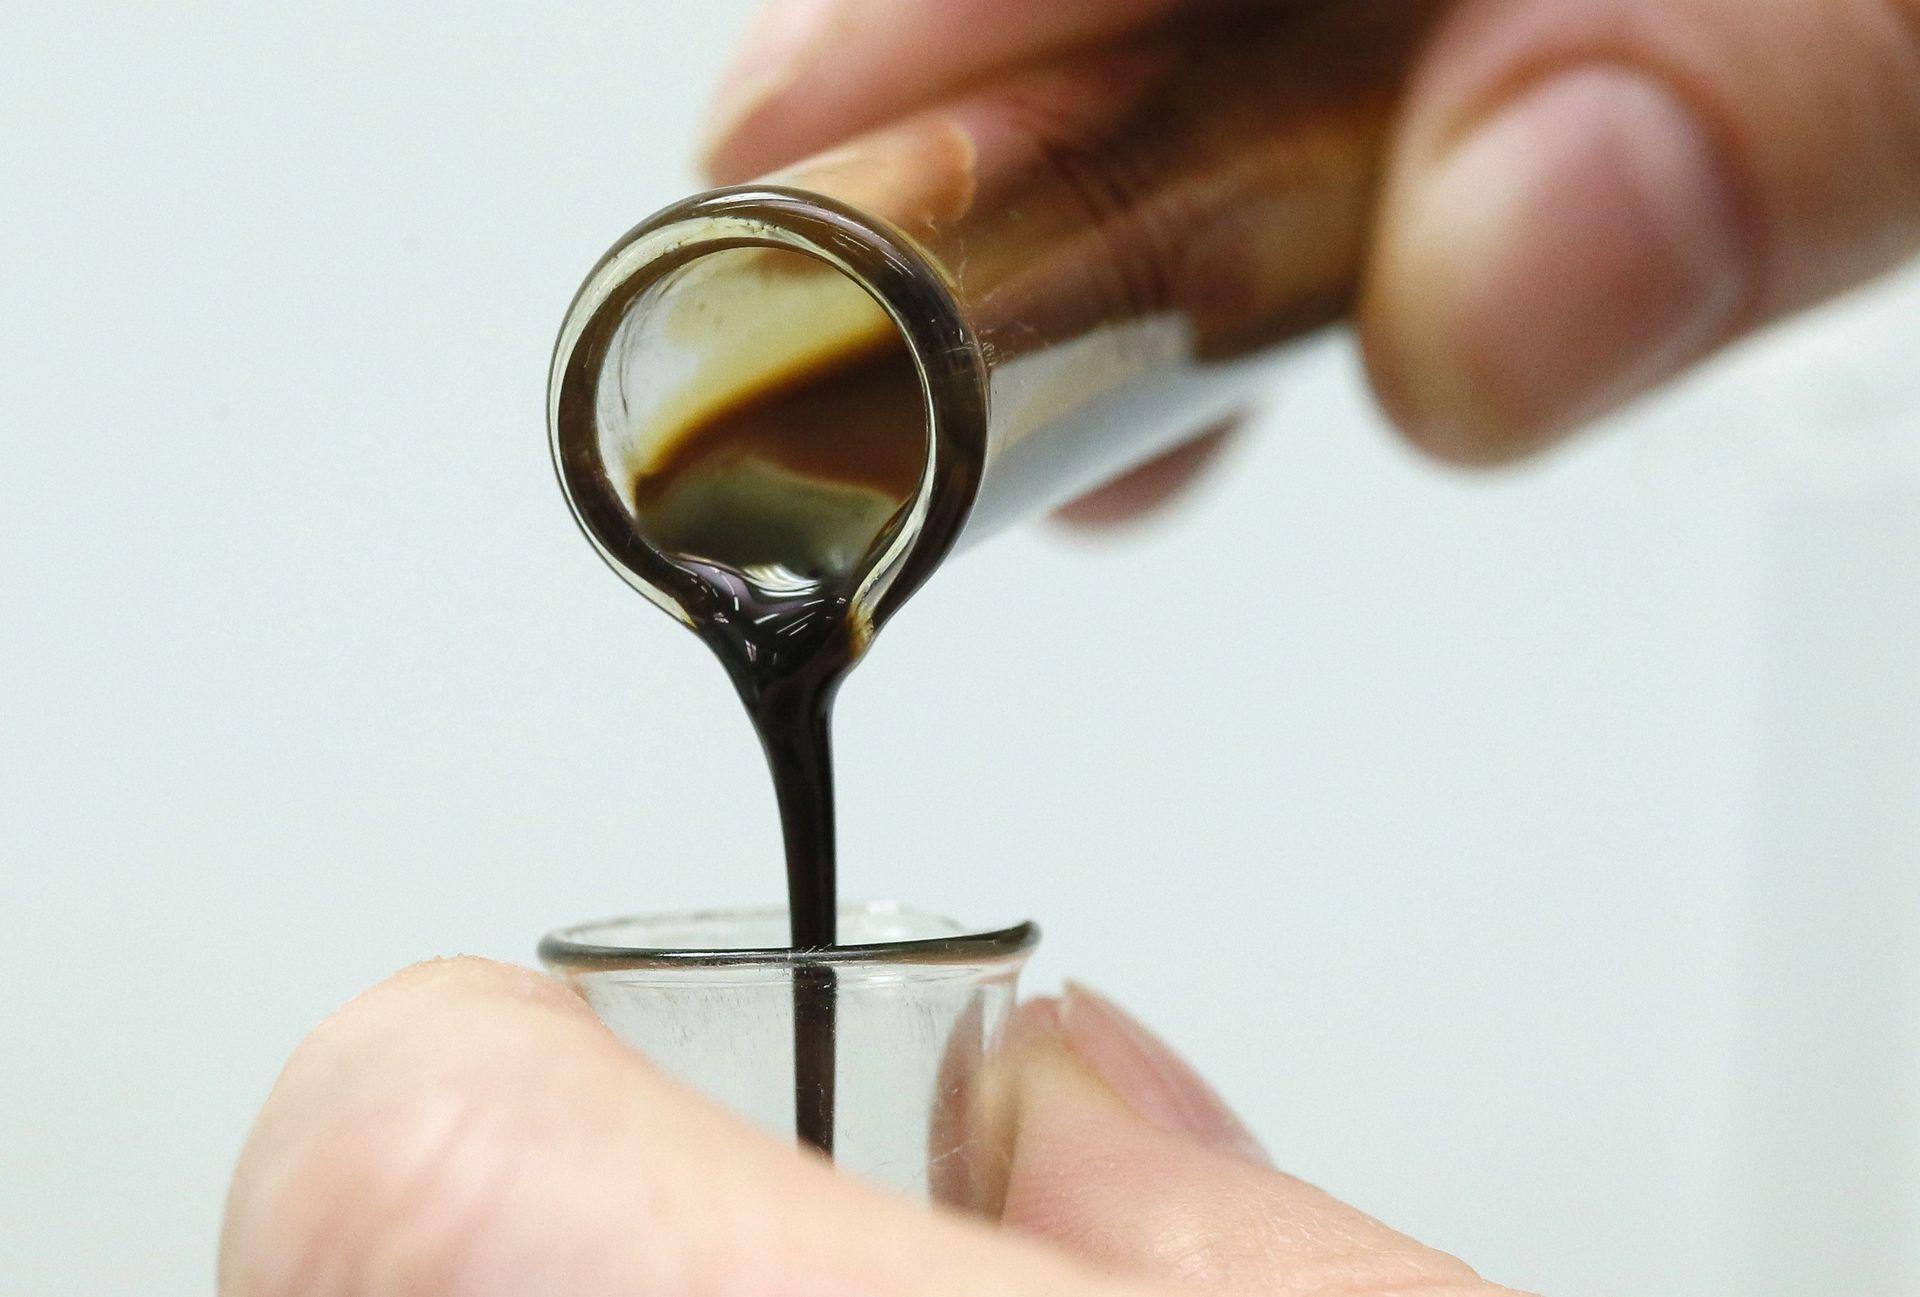 美油收跌3.6% 布油收跌3.3%